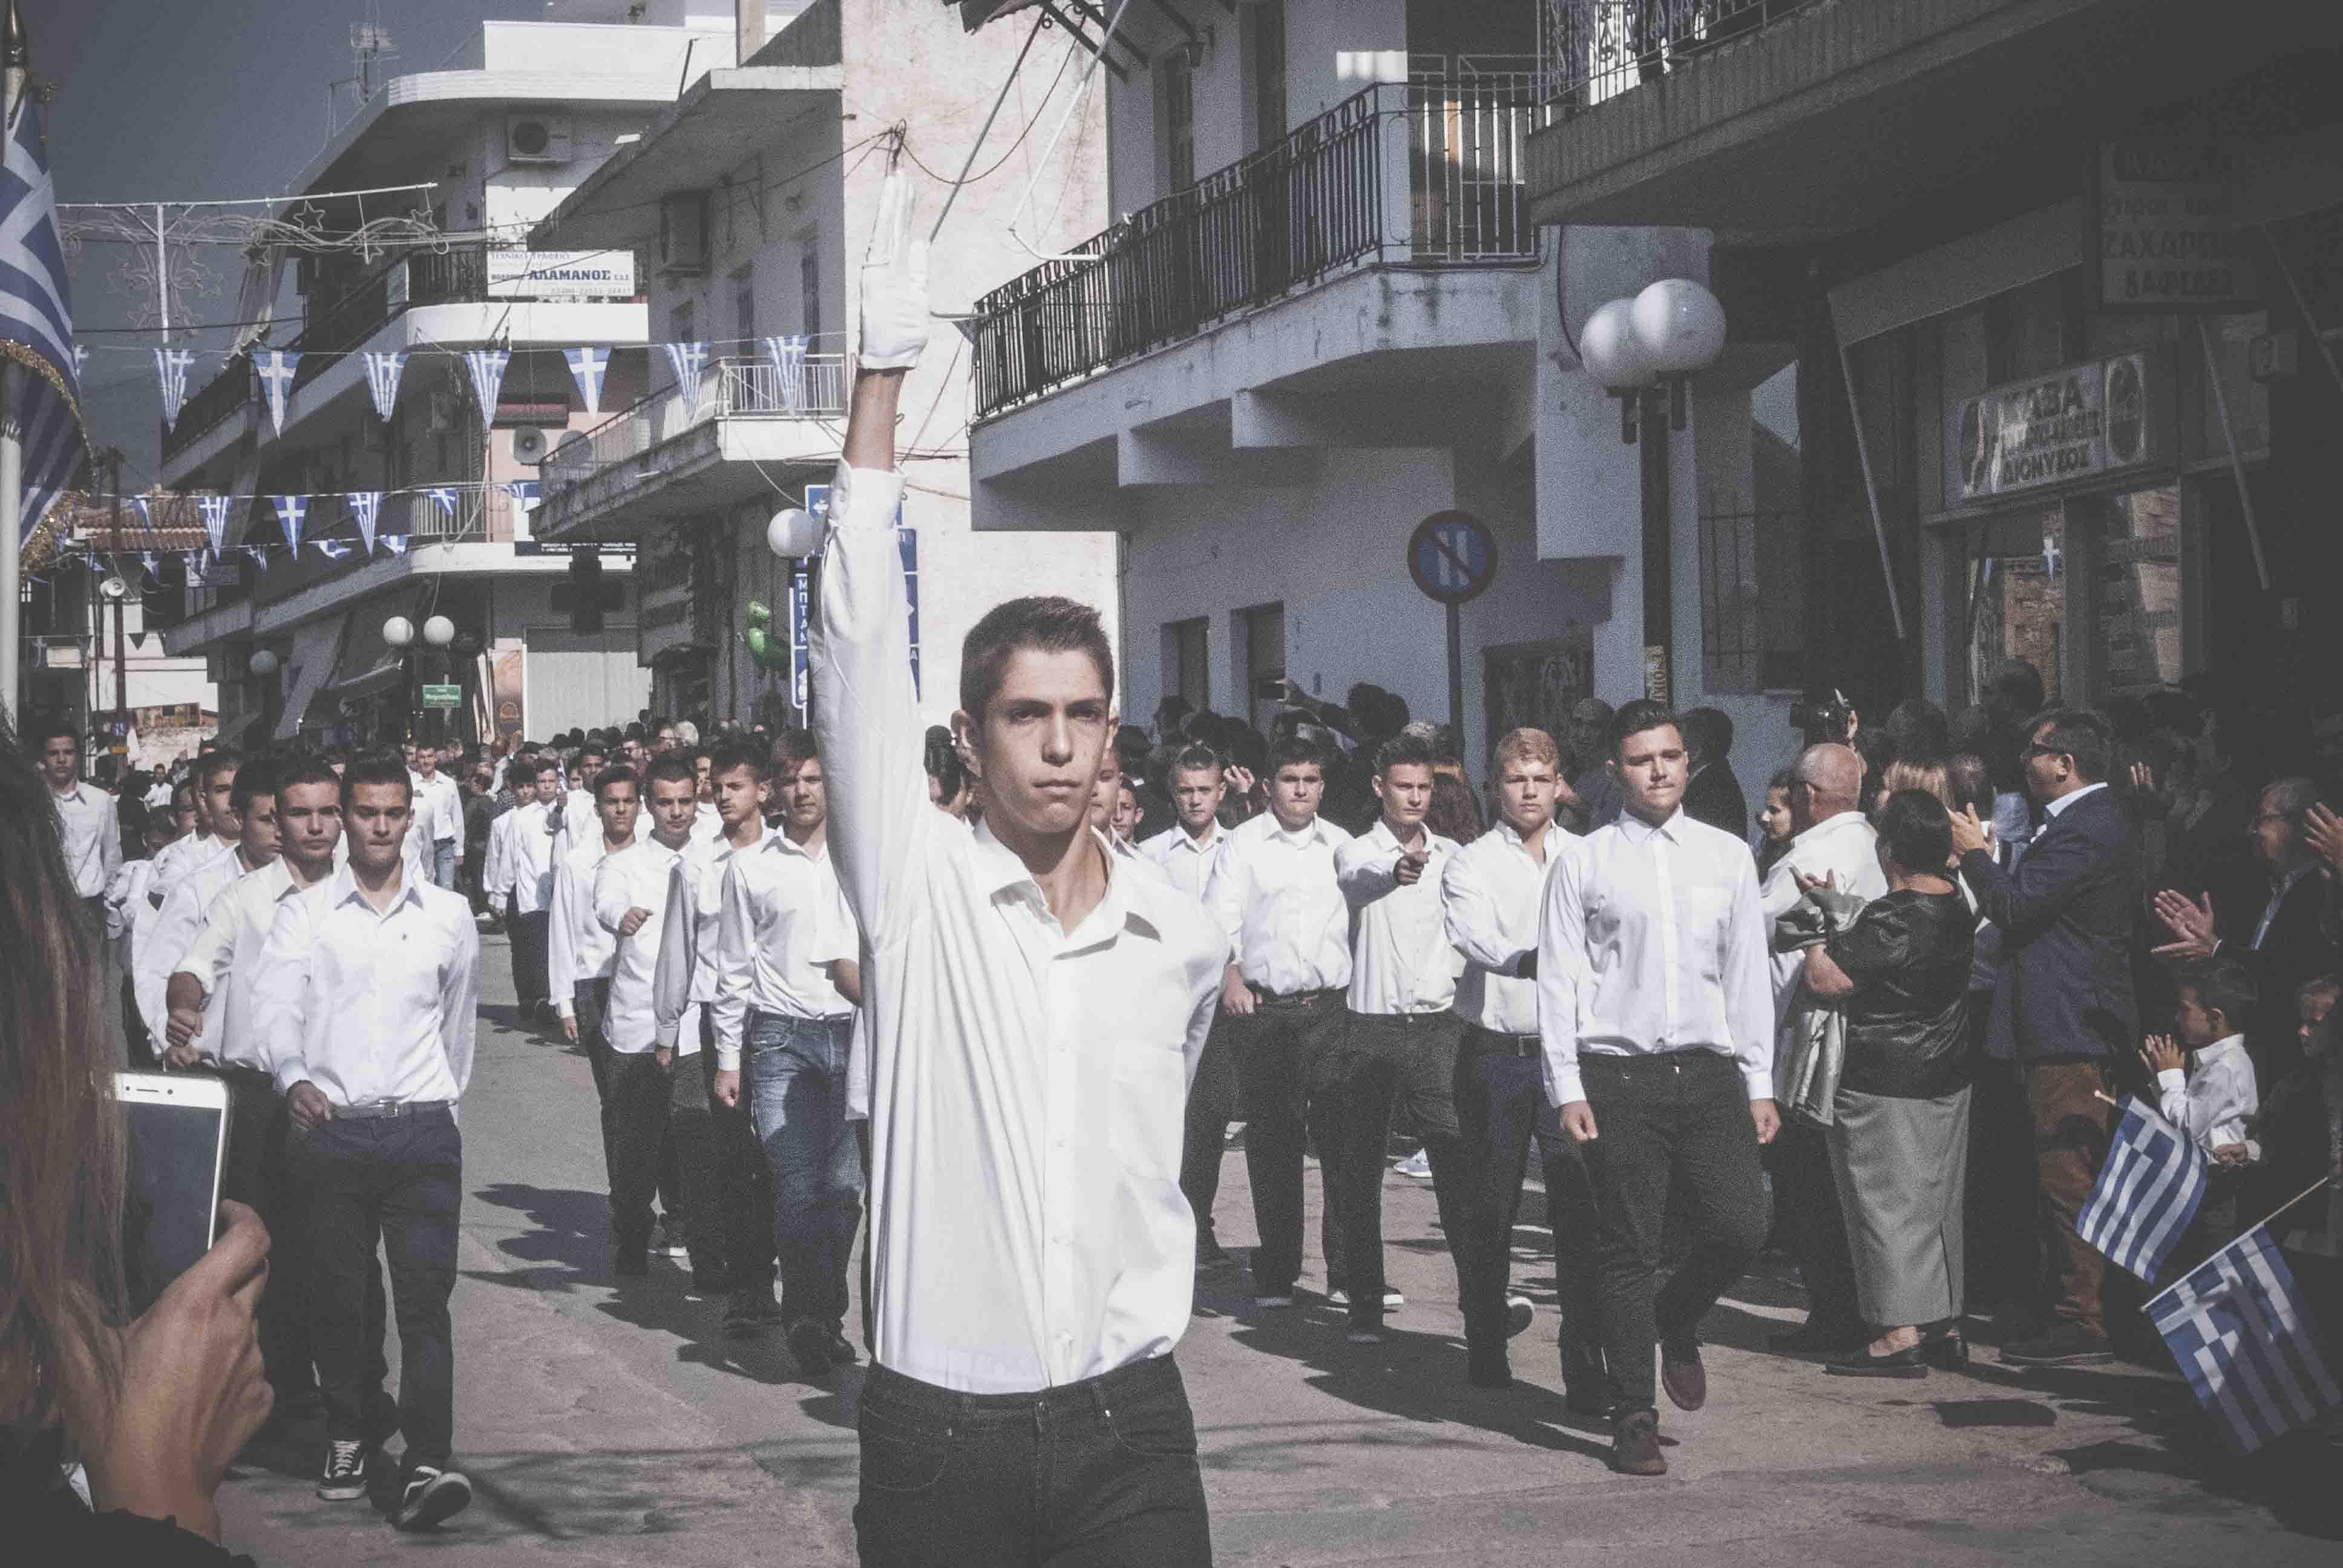 Φωτογραφικό υλικό από την παρέλαση στα Ψαχνά DSC 0425  Η παρέλαση της 28ης Οκτωβρίου σε Καστέλλα και Ψαχνά (φωτό) DSC 0425